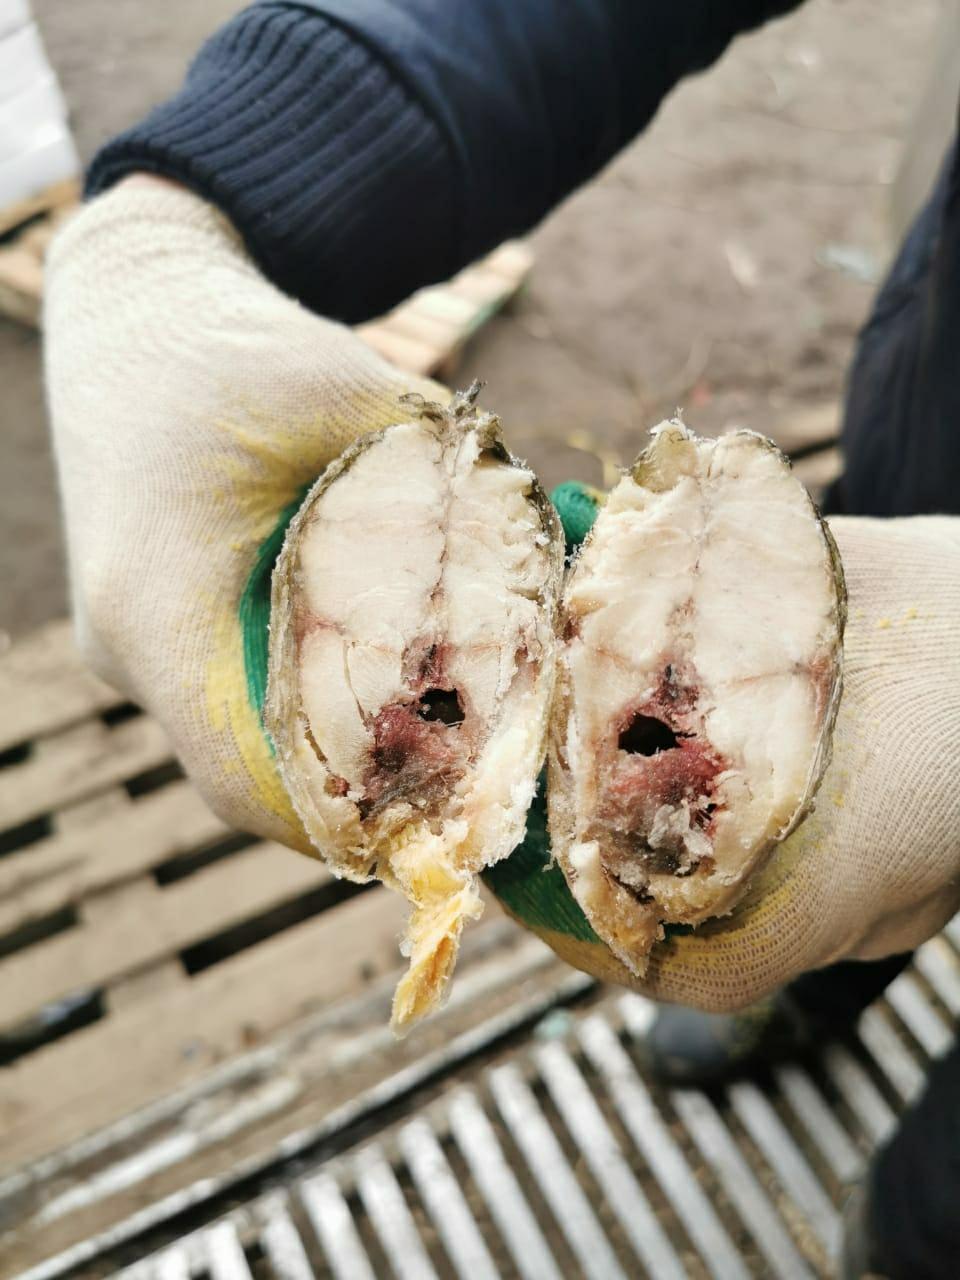 Продам рыбу из цеха, морепродукты, икру в Королеве купить 3